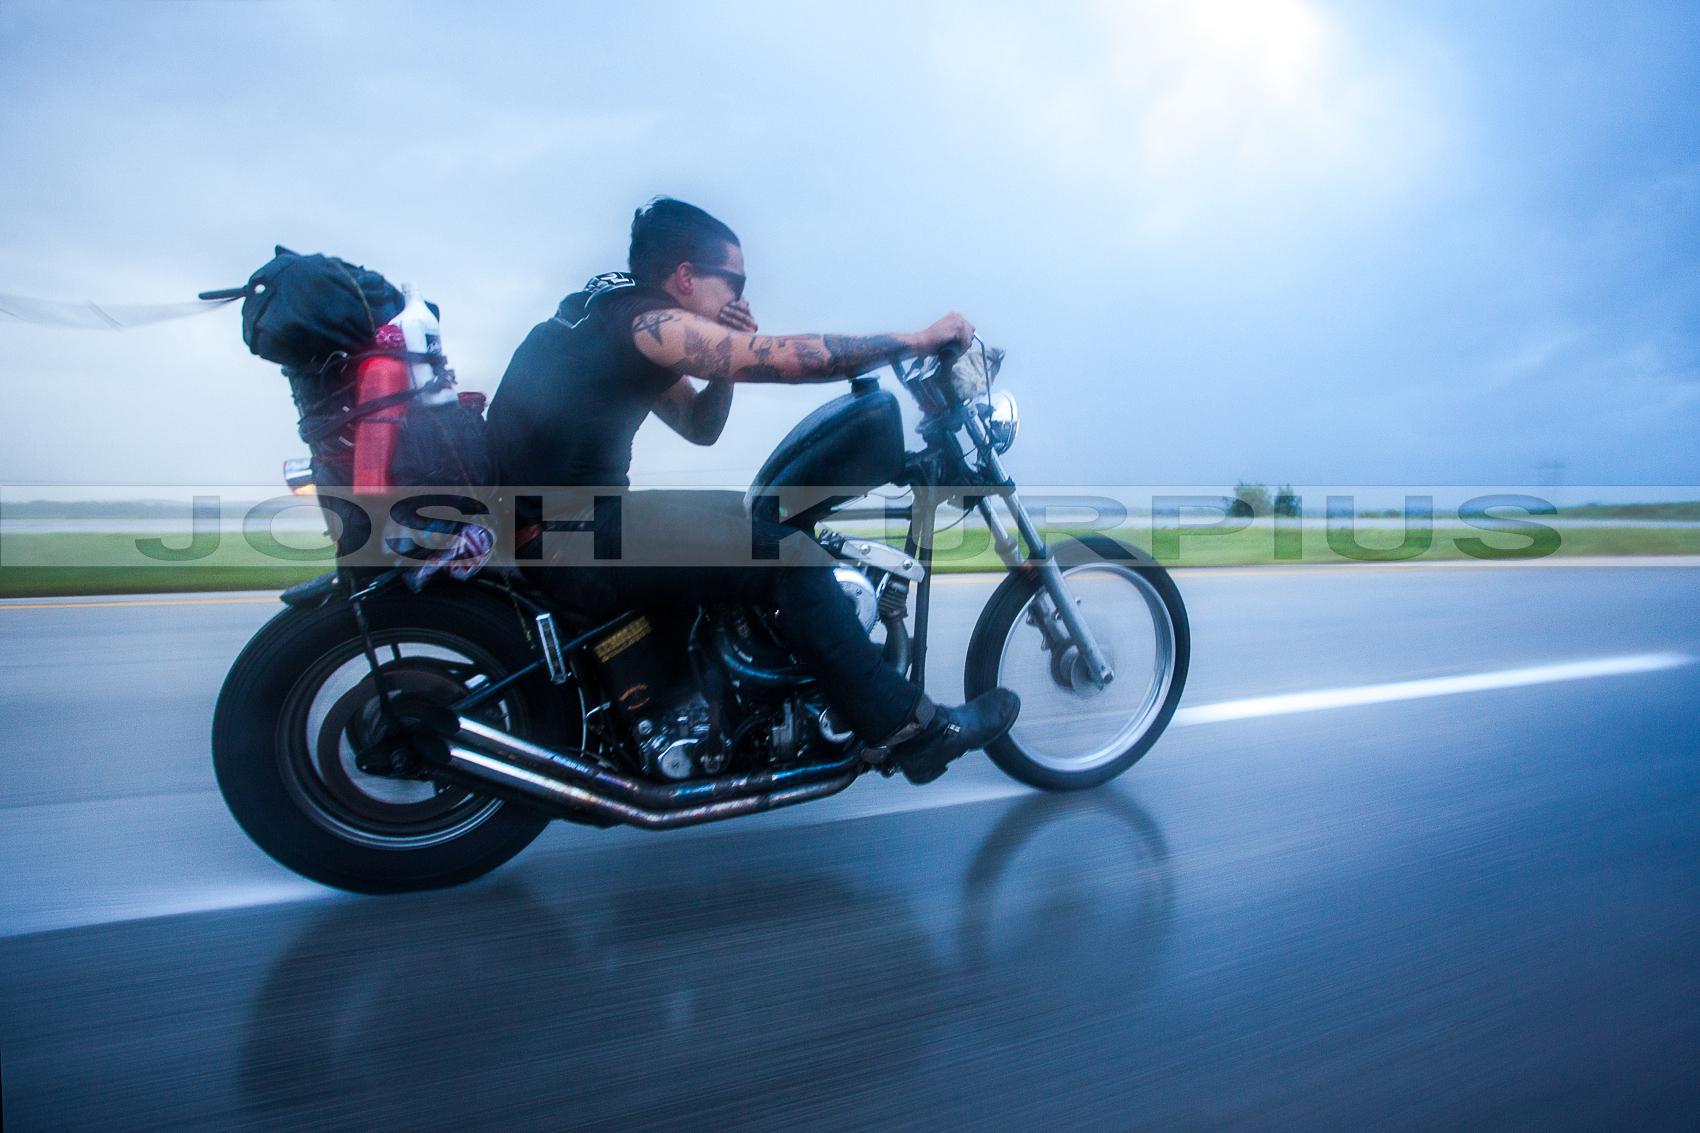 Kurpius_2010_Ride_To_Davenport_0069.jpg